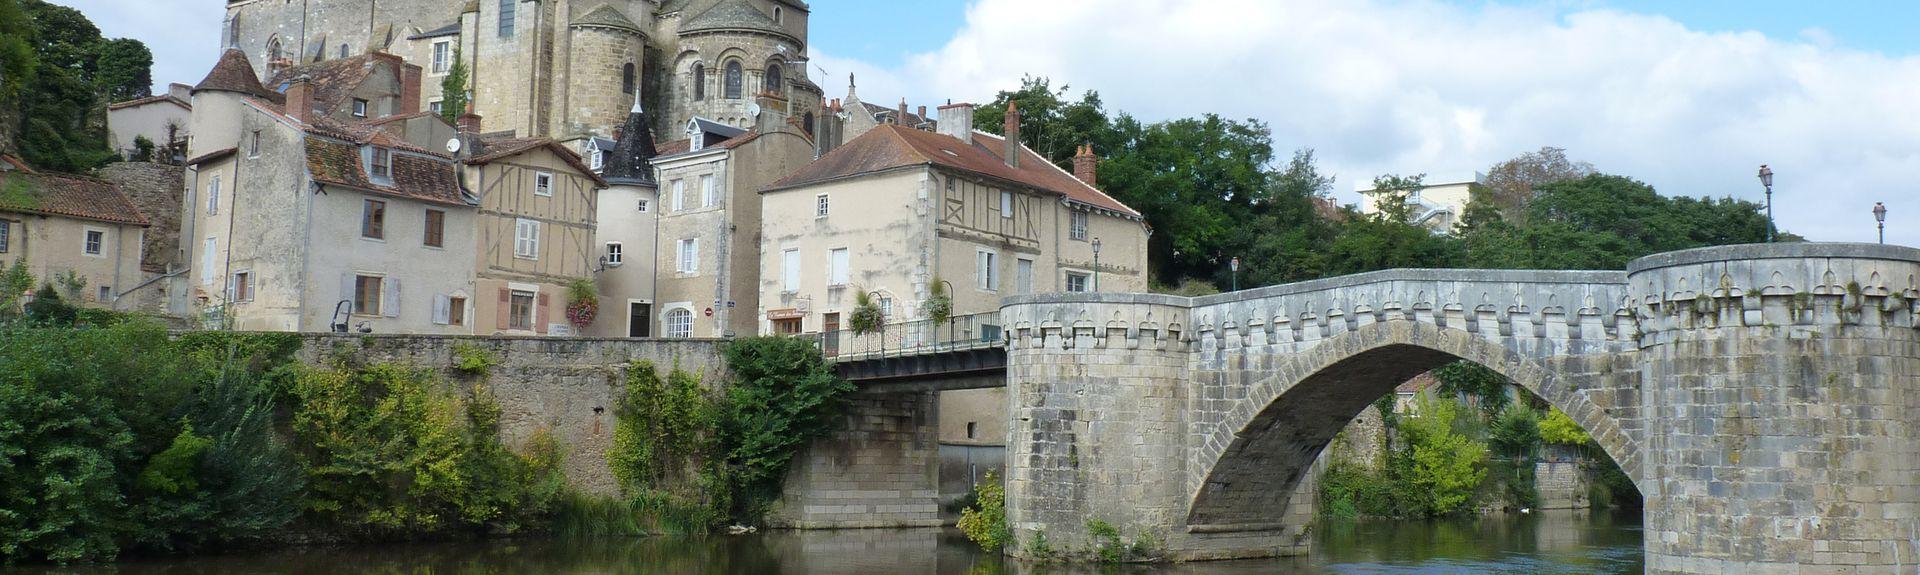 Mouhet, Indre (département), France